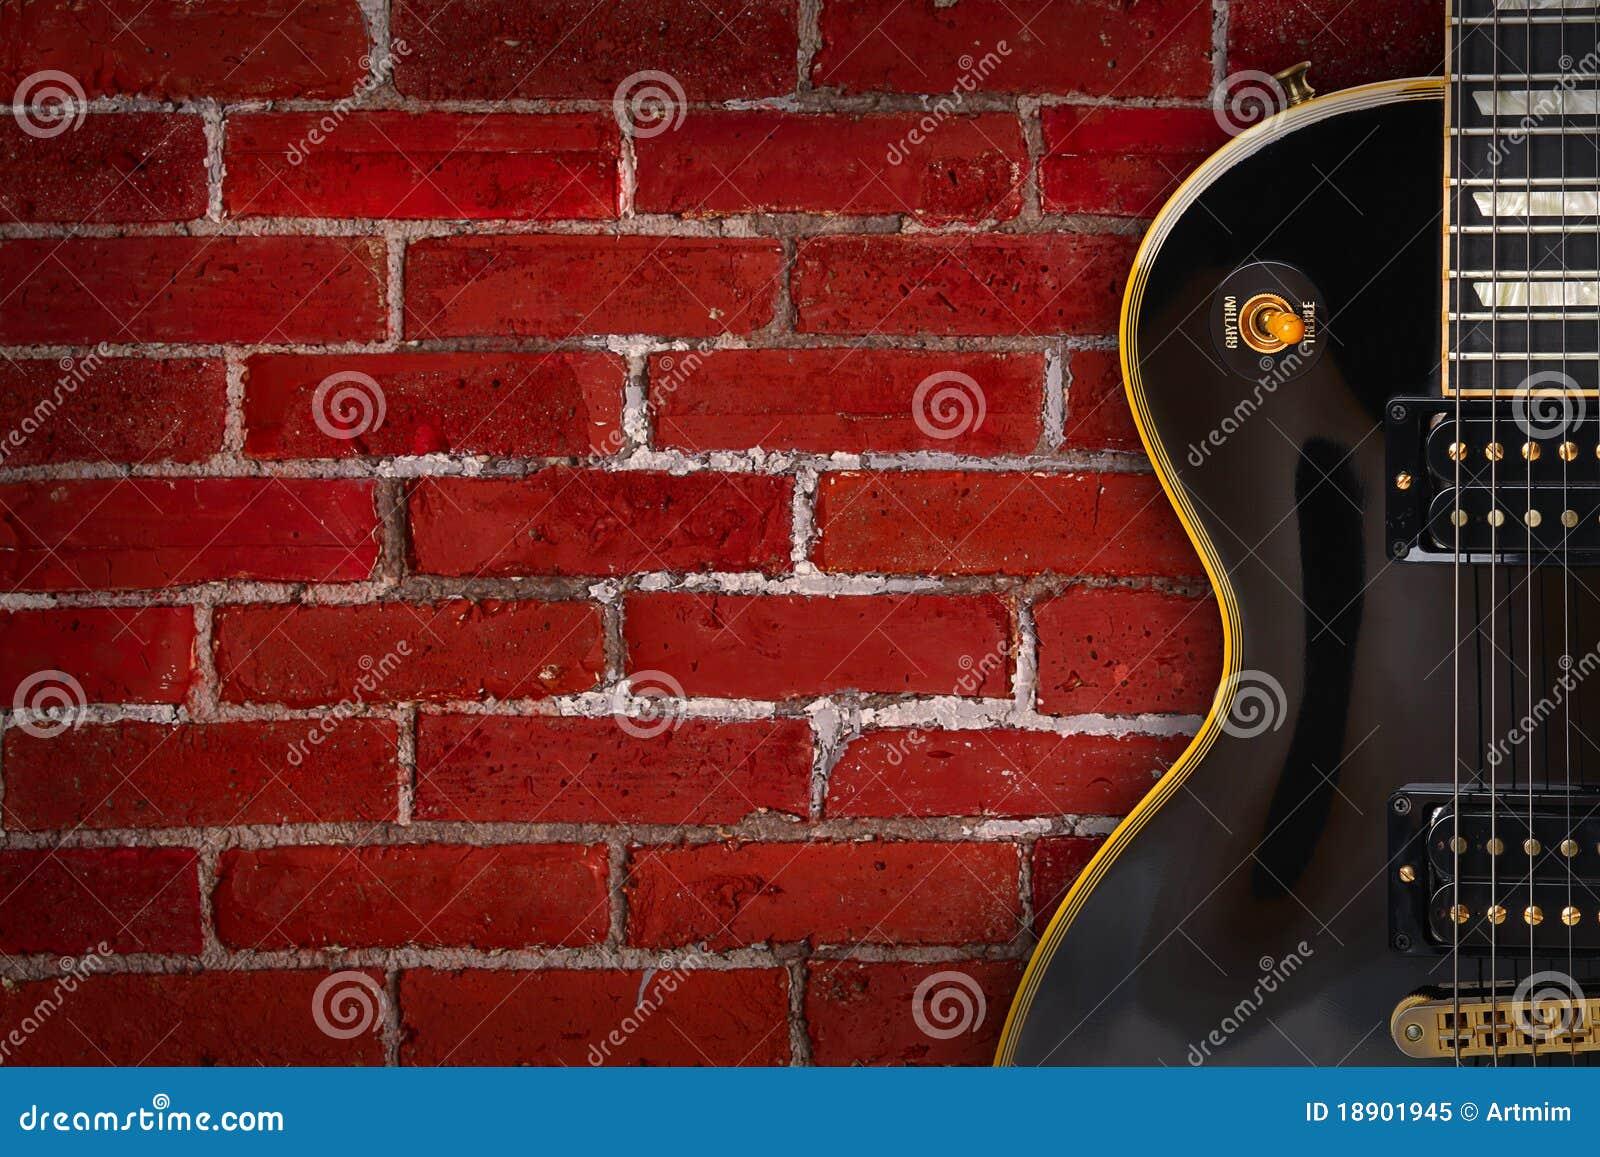 Gitarre auf Hintergrund - Musik